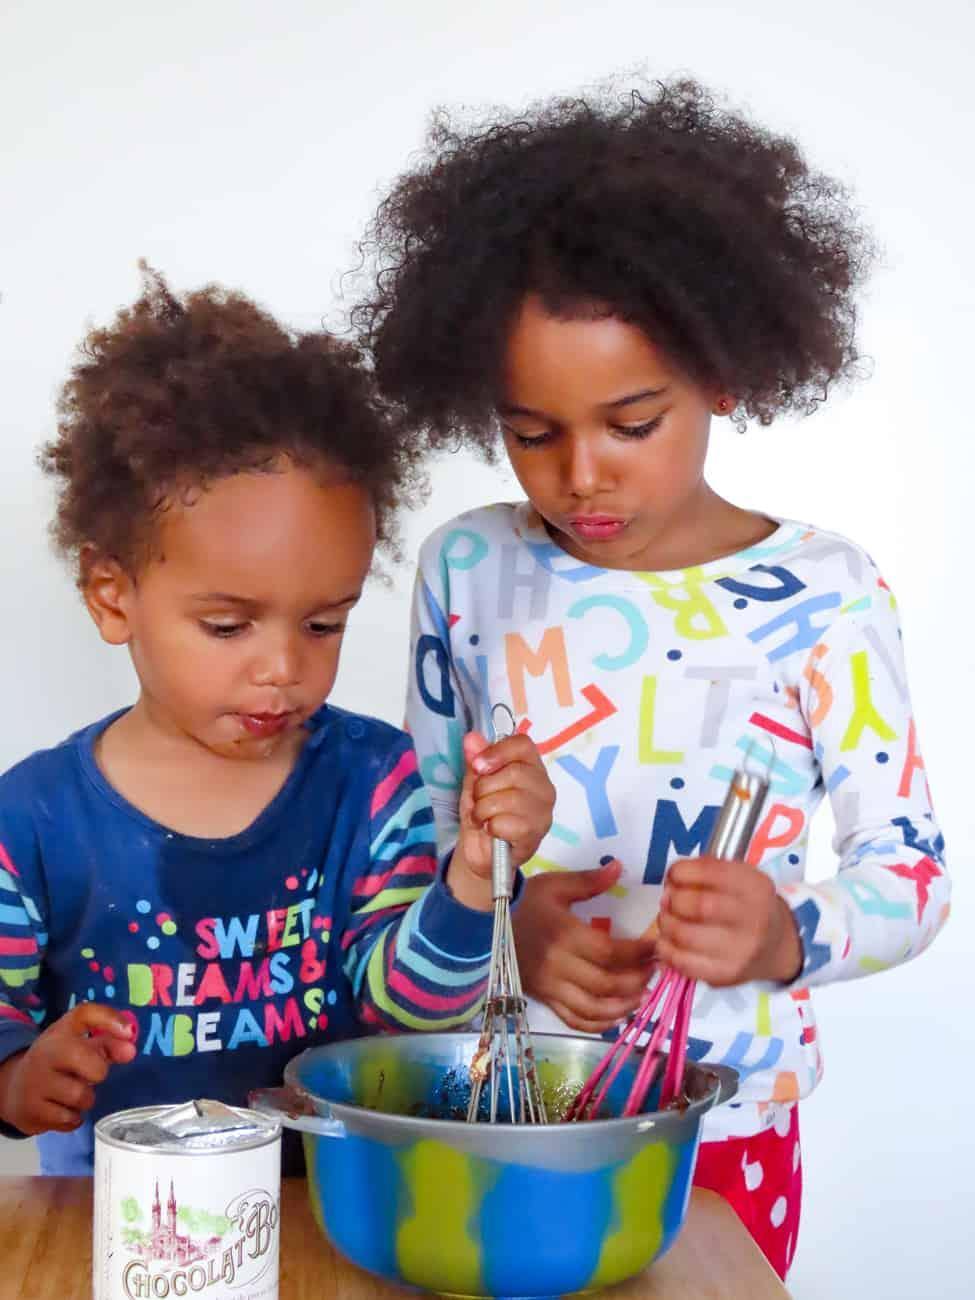 cuisiner-avec-enfants-recettes-24